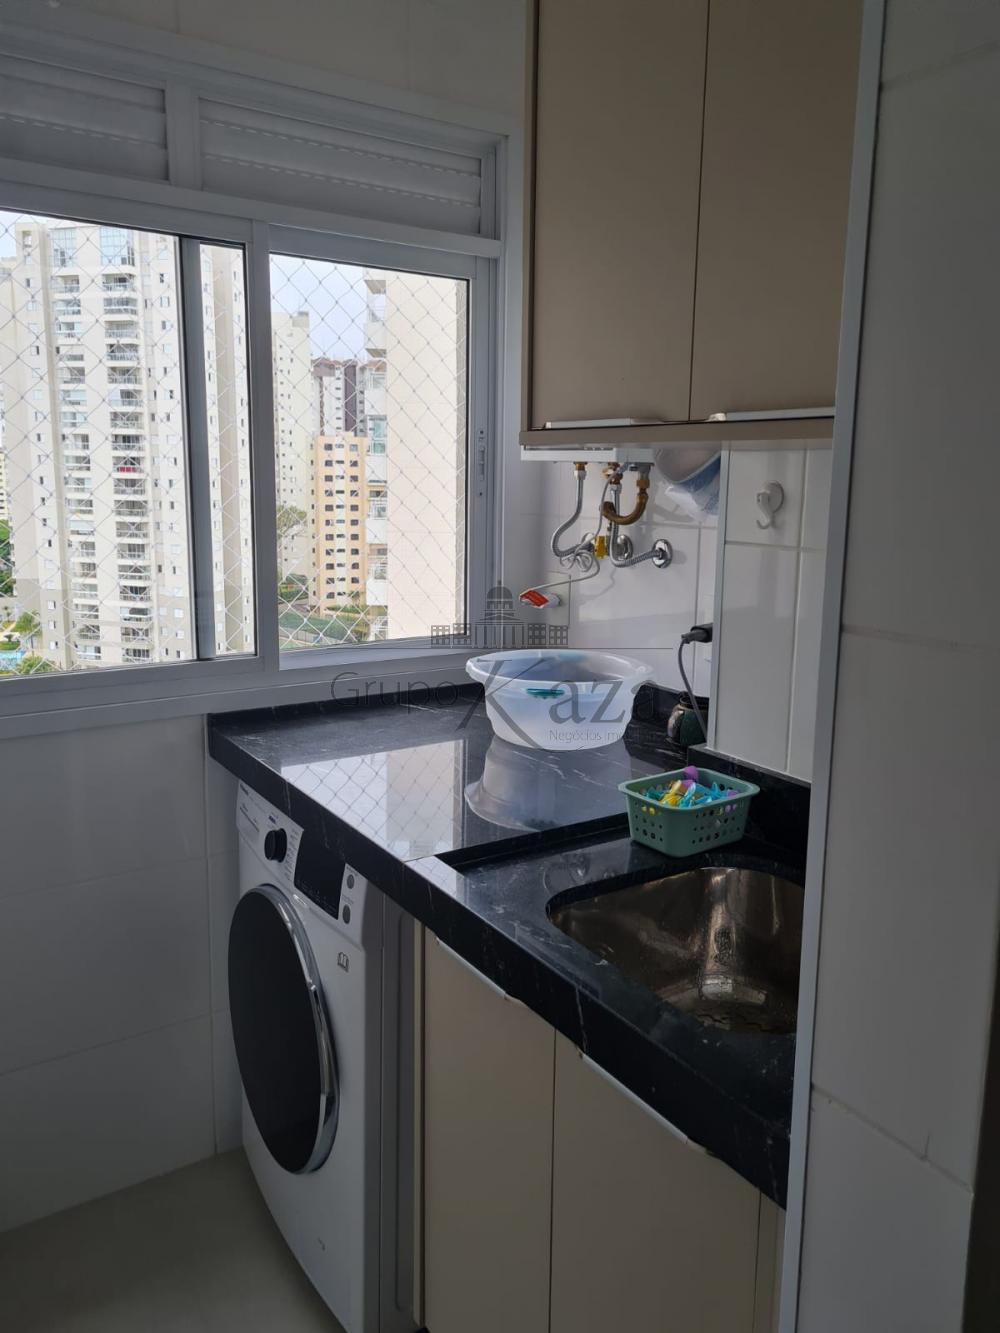 alt='Alugar Apartamento / Padrão em São José dos Campos R$ 3.300,00 - Foto 11' title='Alugar Apartamento / Padrão em São José dos Campos R$ 3.300,00 - Foto 11'